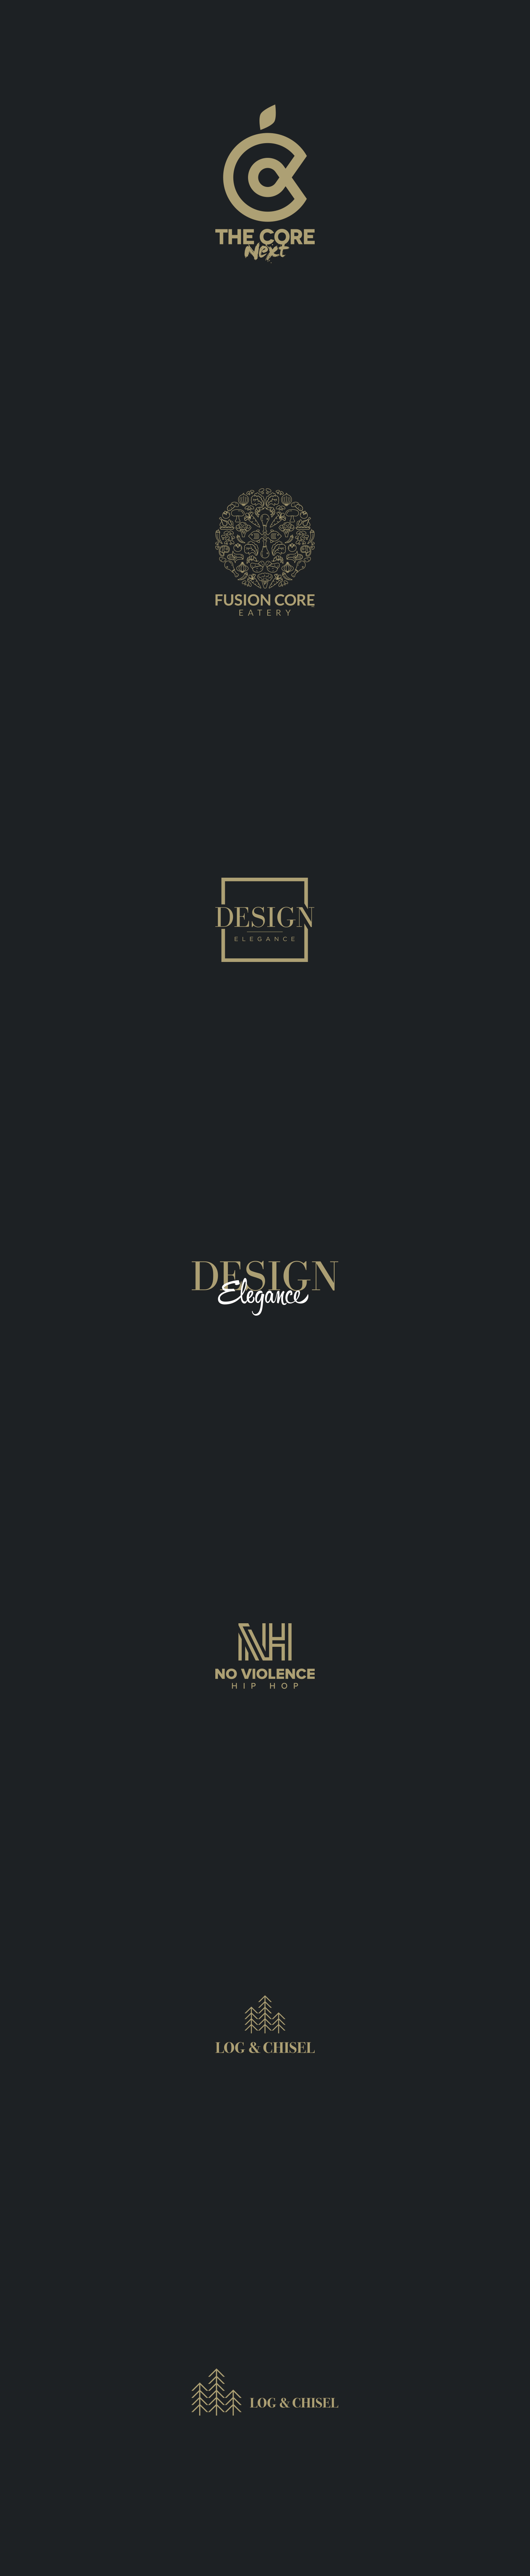 2016-Logofolio-2.jpg